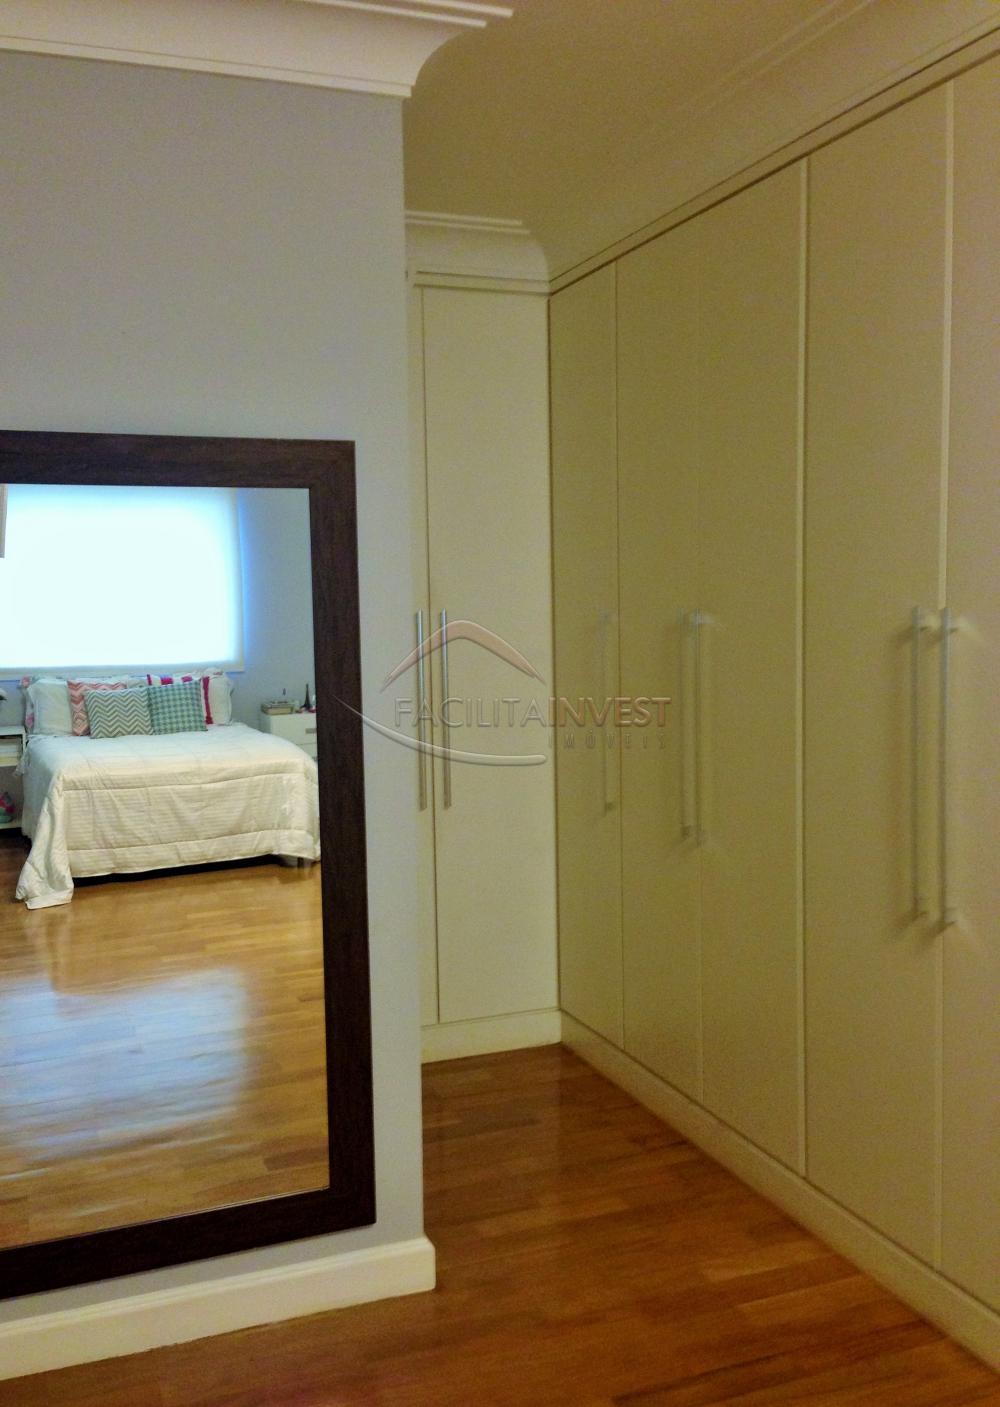 Alugar Apartamentos / Cobertura em Ribeirão Preto apenas R$ 11.000,00 - Foto 28